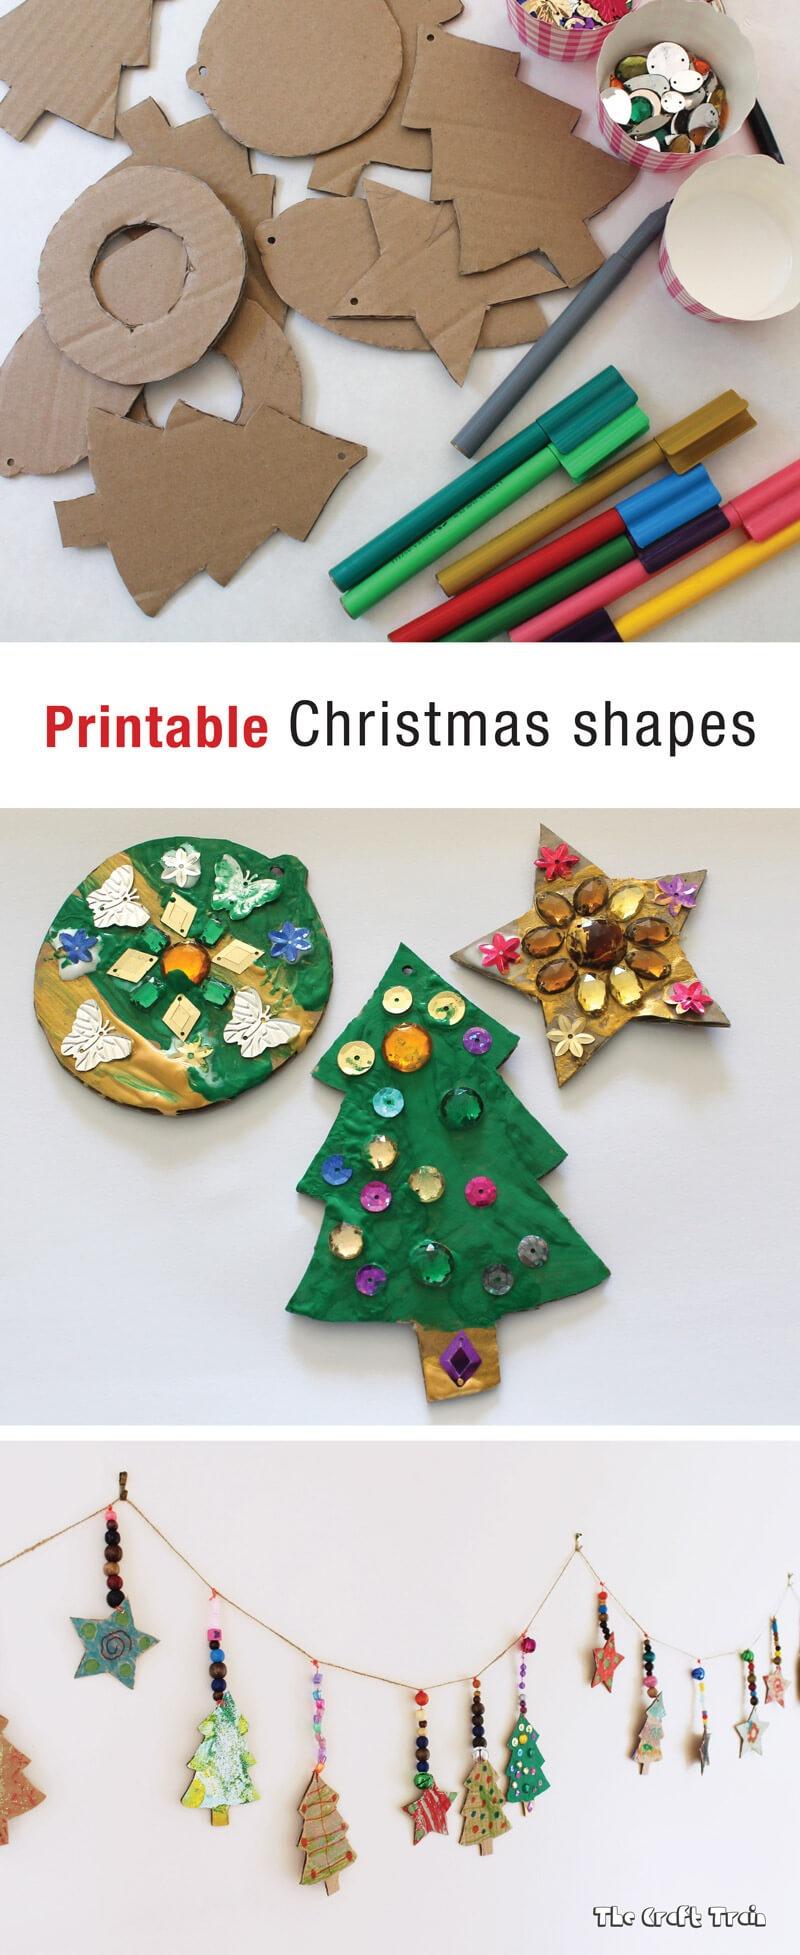 Printable Christmas Shapes | The Craft Train - Free Printable Christmas Cutouts